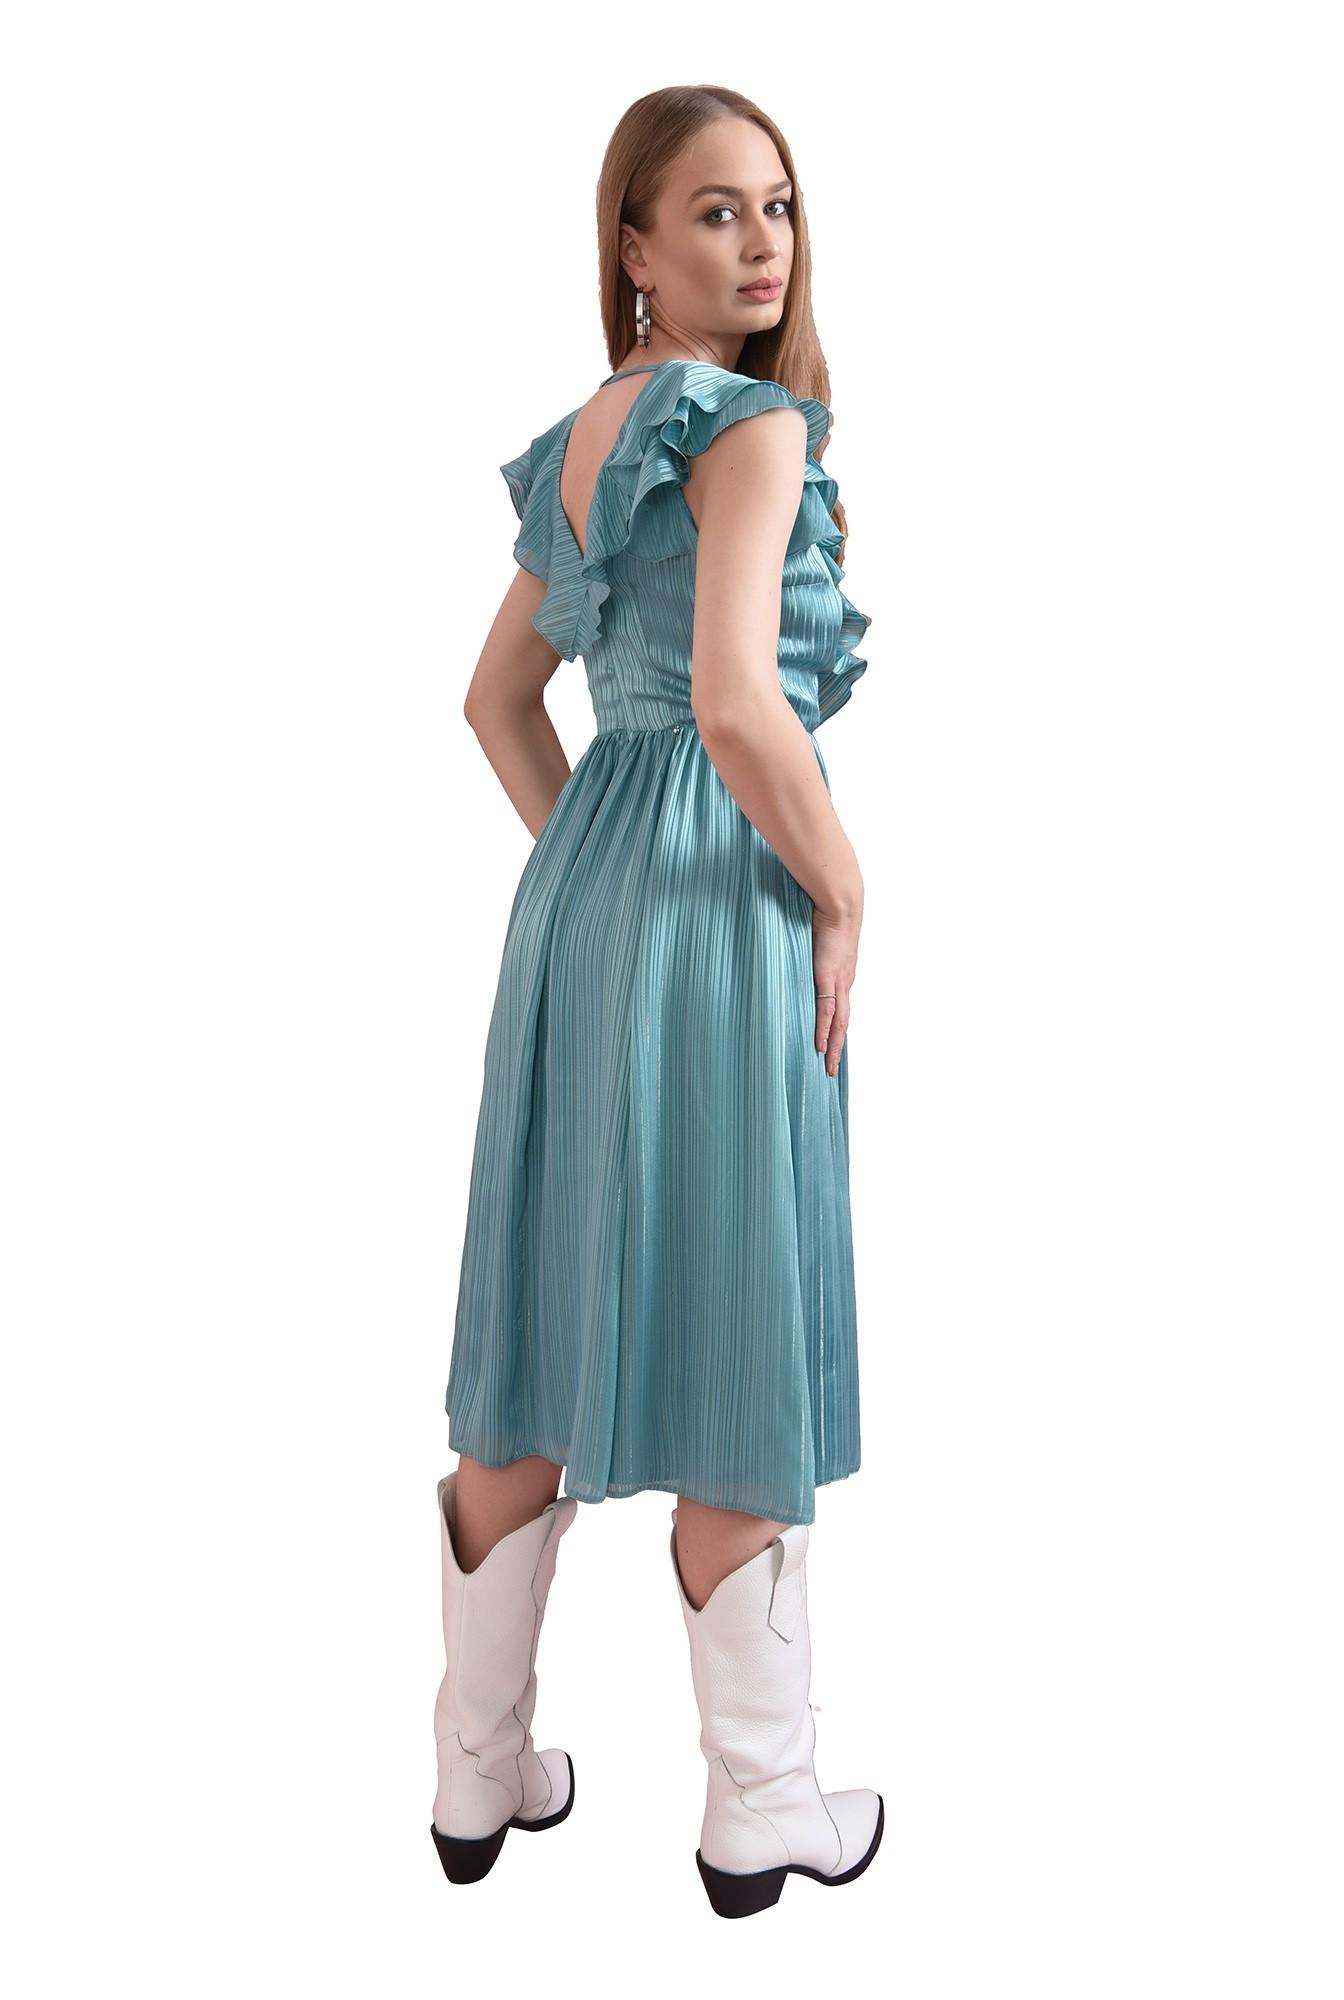 rochie turcoaz, cu volanela bust